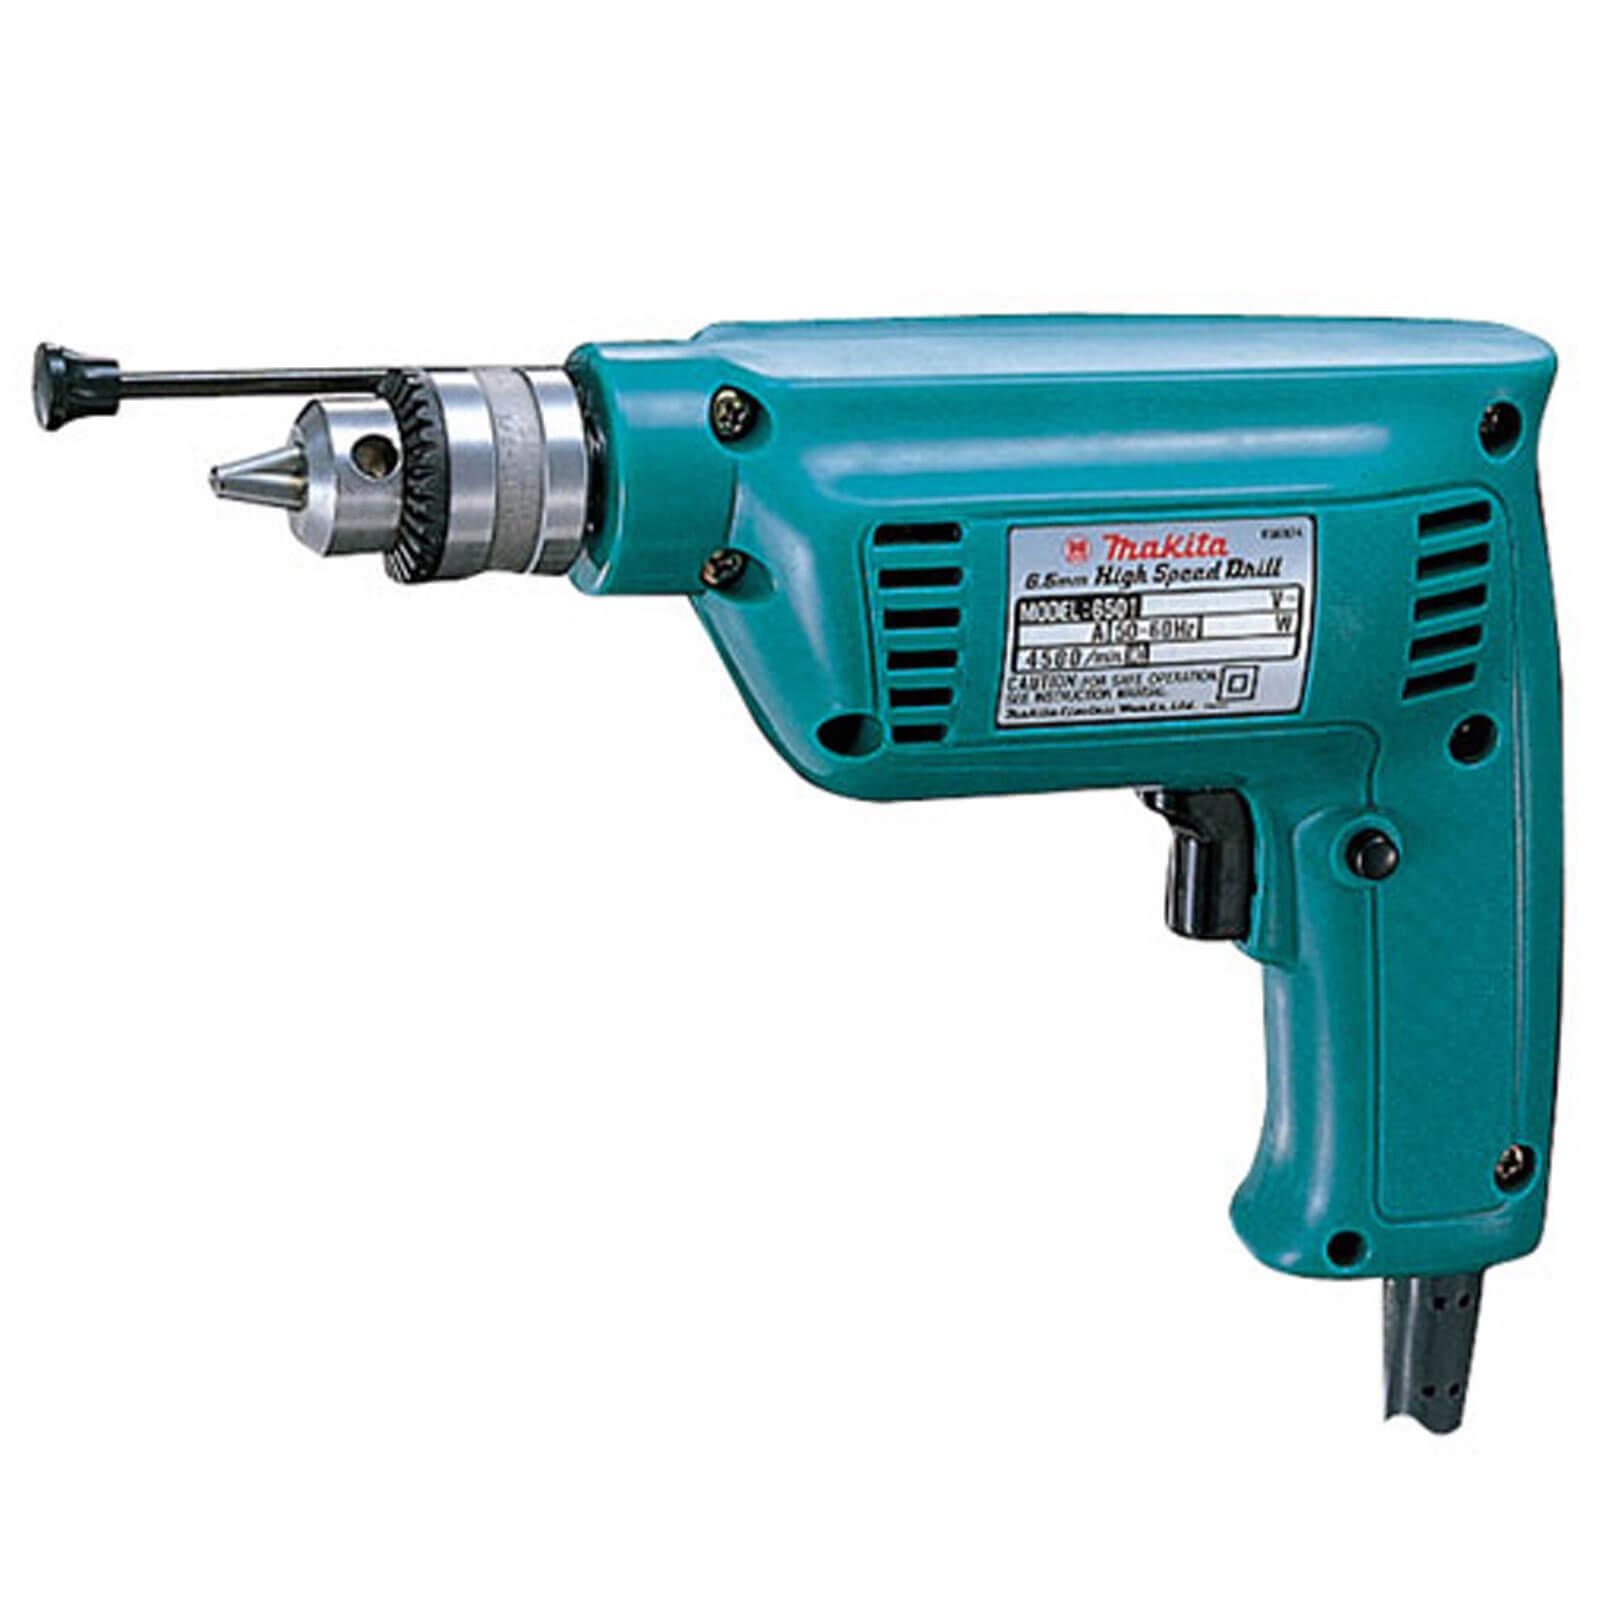 Makita 6501 Rotary High Speed Drill 230w 110v